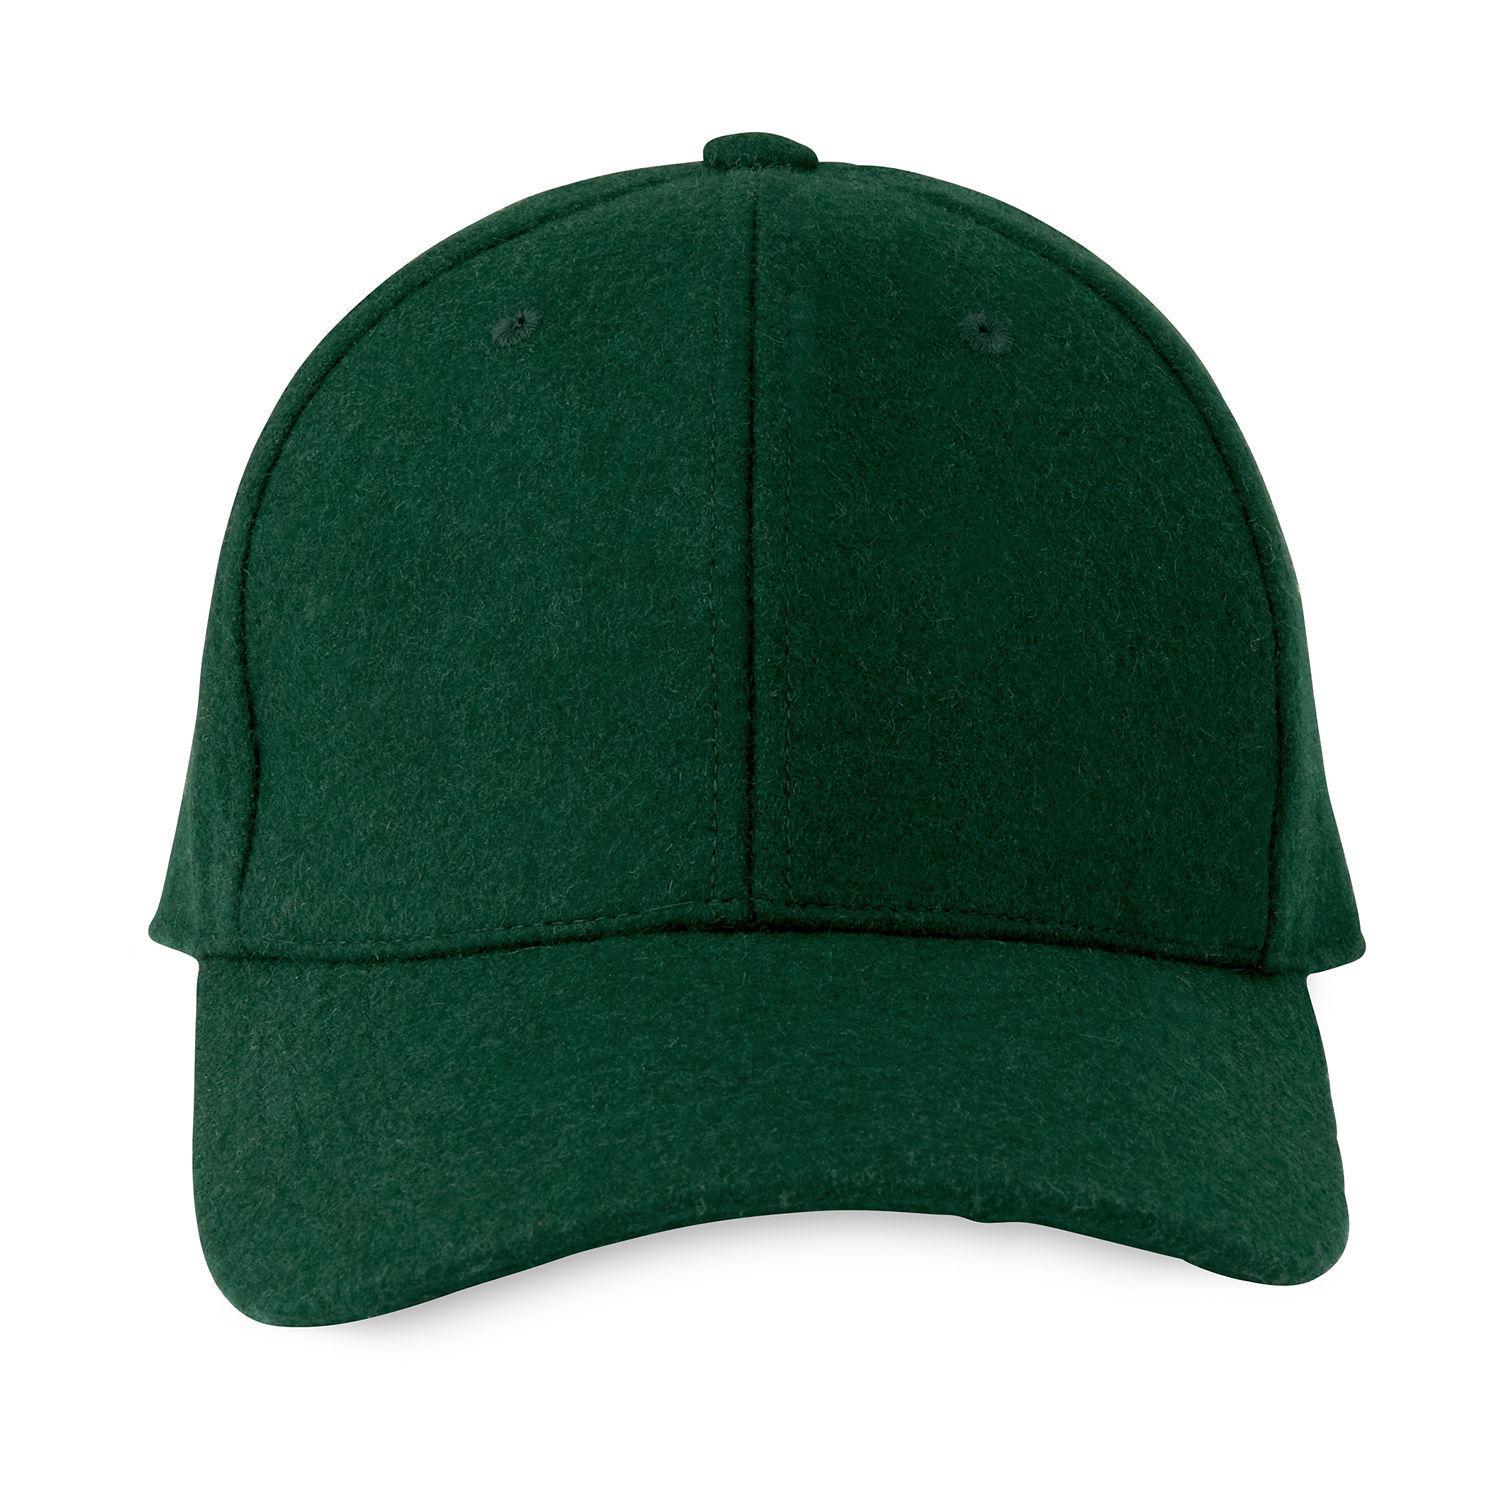 384b7e24e749d Whistles Baseball Cap in Green for Men - Lyst